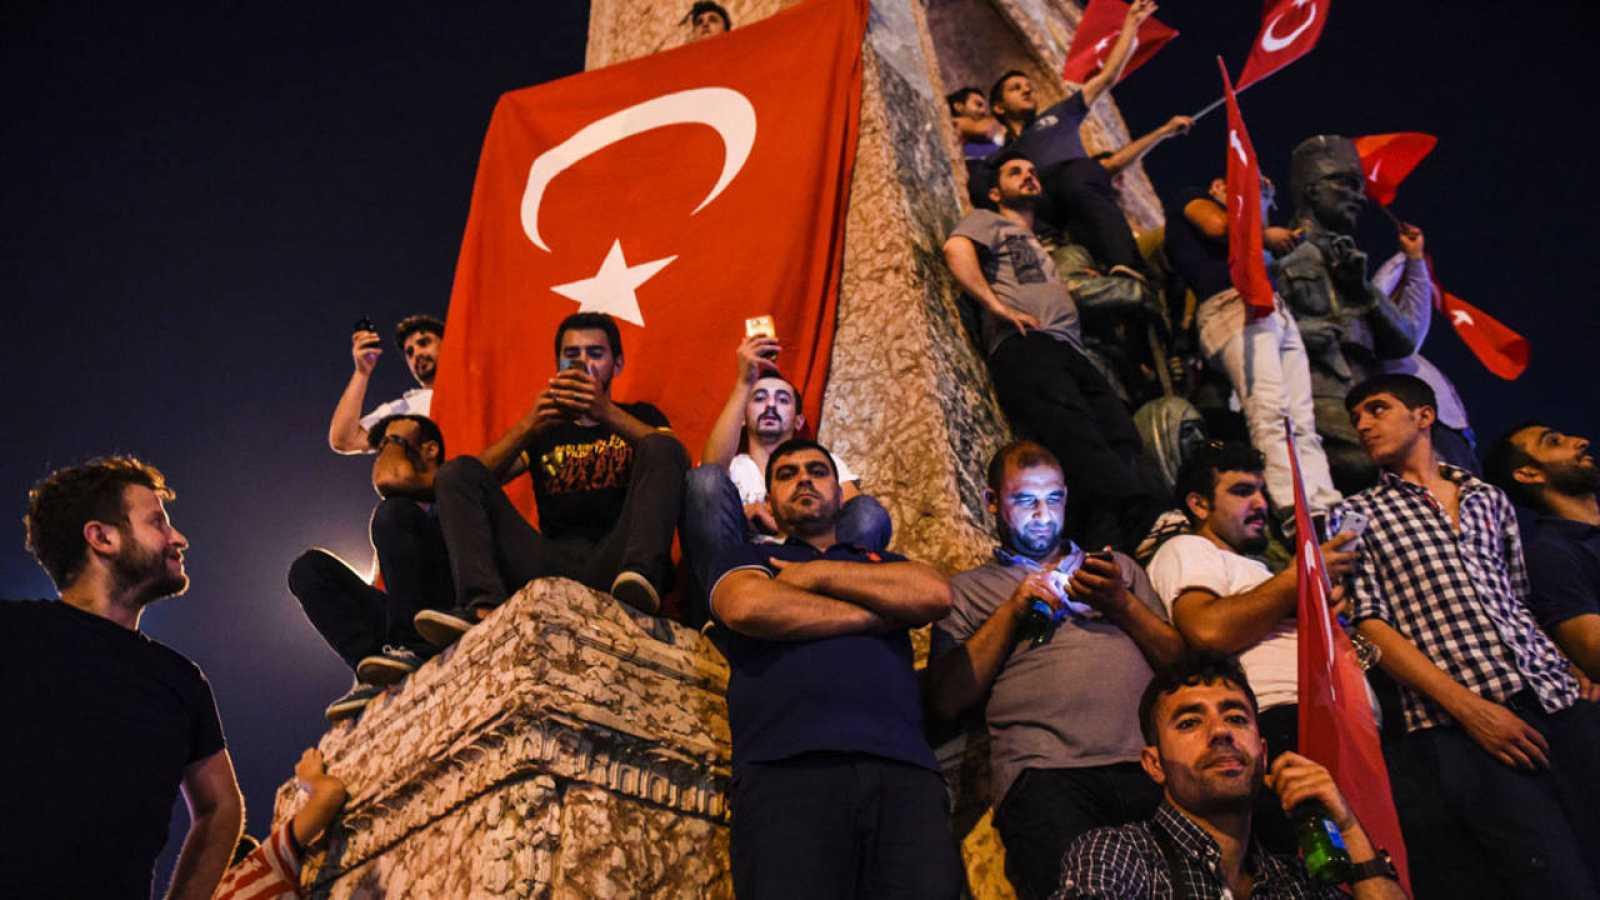 Ciudadanos turcos se han reunido para celebrar el fracaso del golpe de Estado.